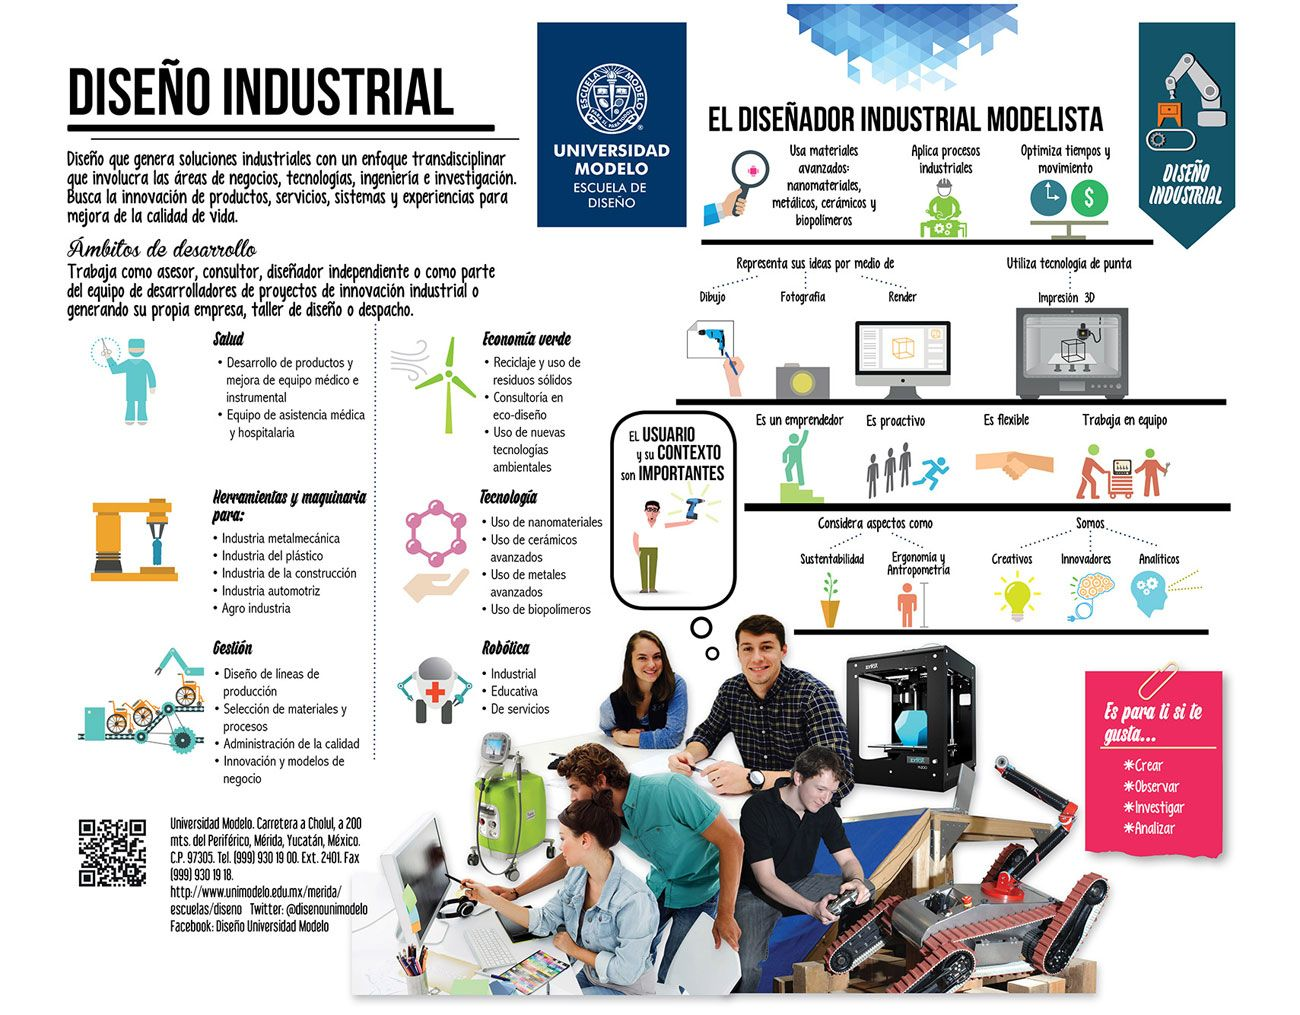 infoindustrial.jpg (1300×1015)   info   Pinterest